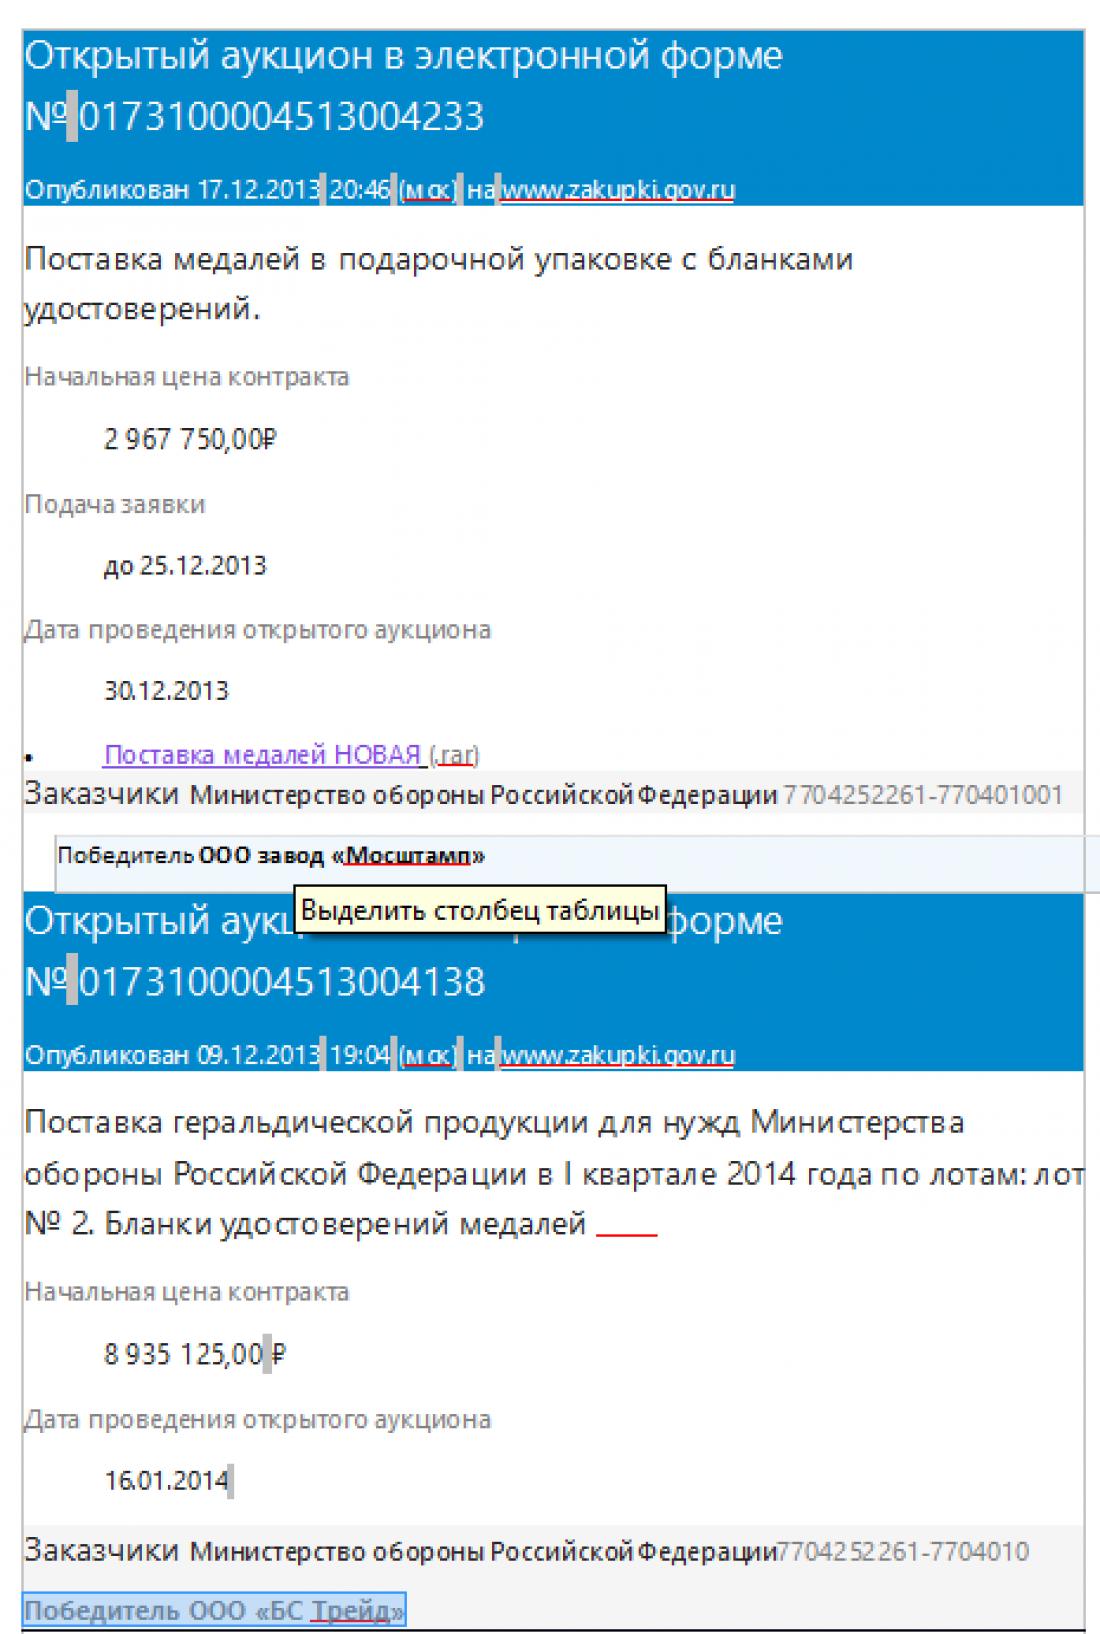 Победителем тендера является ООО Завод Мосштамп